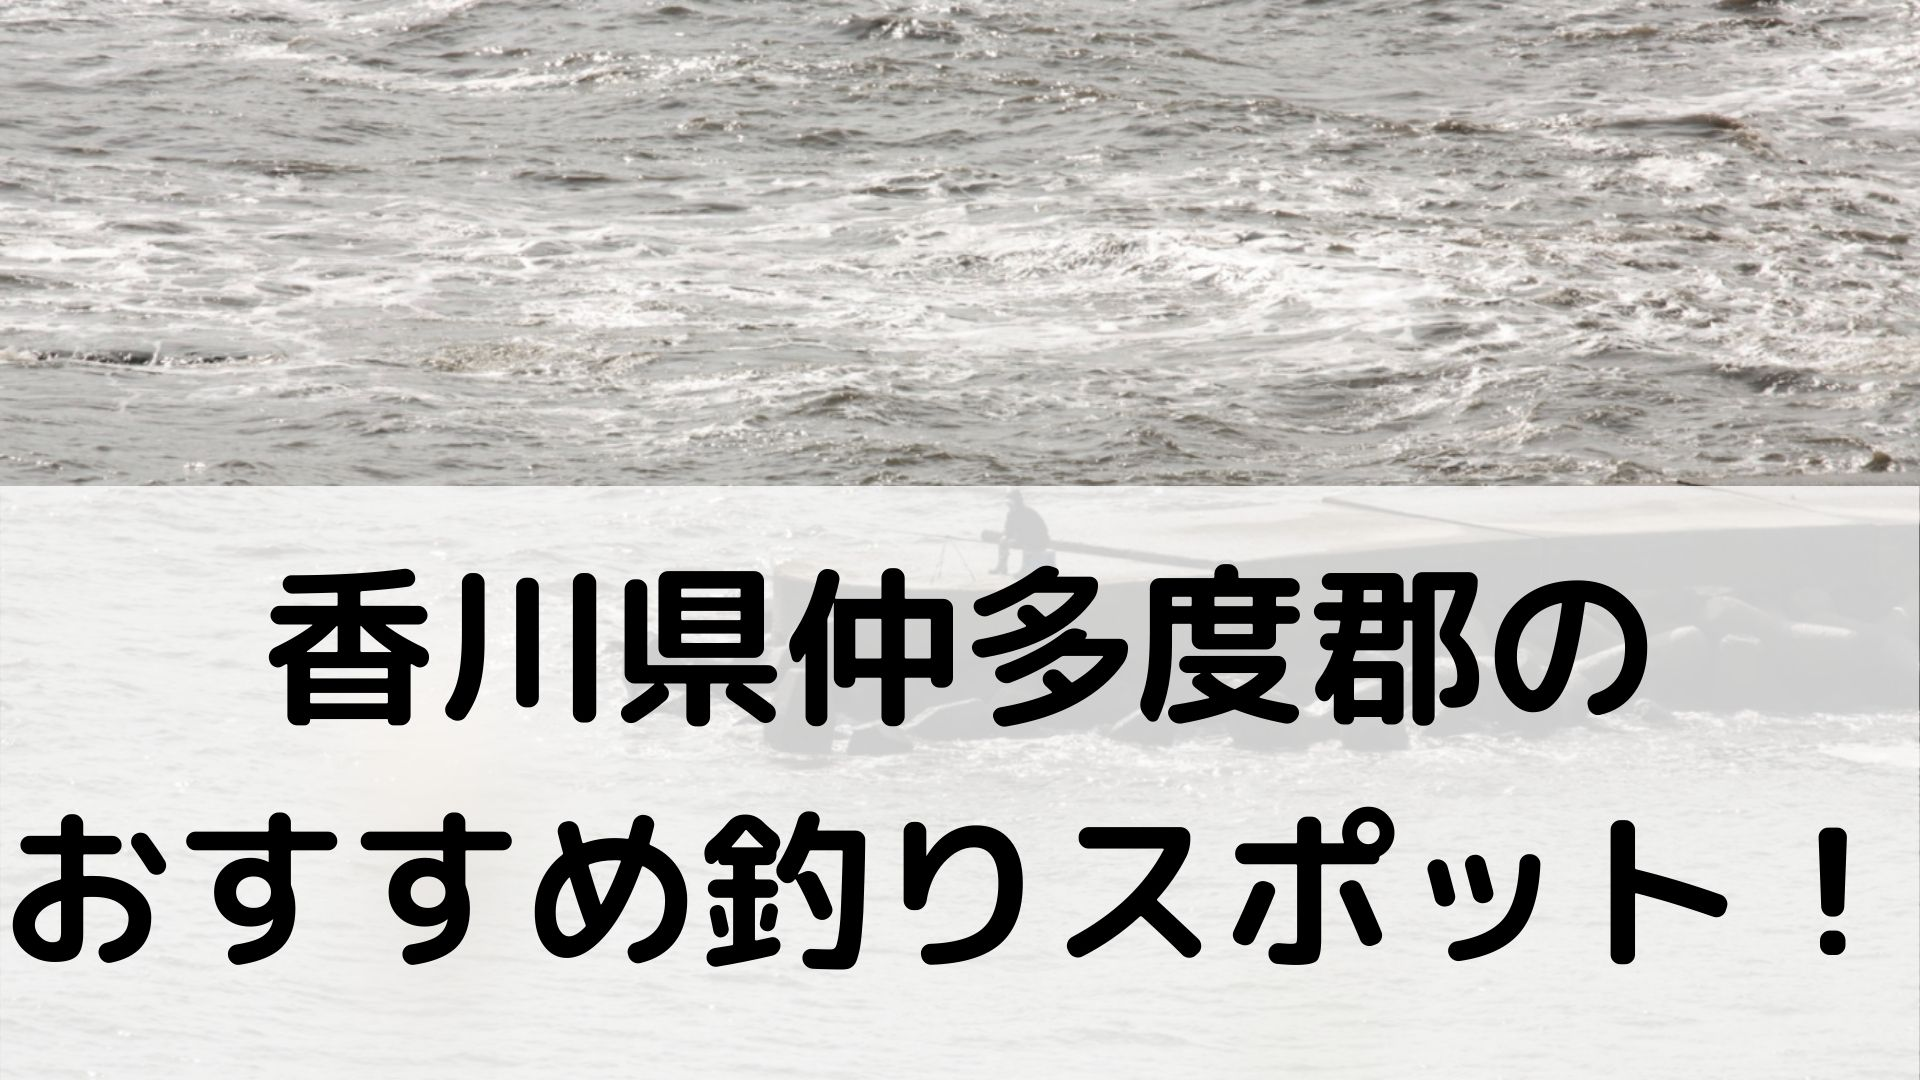 香川県仲多度郡のおすすめ釣りスポットに関する参考画像